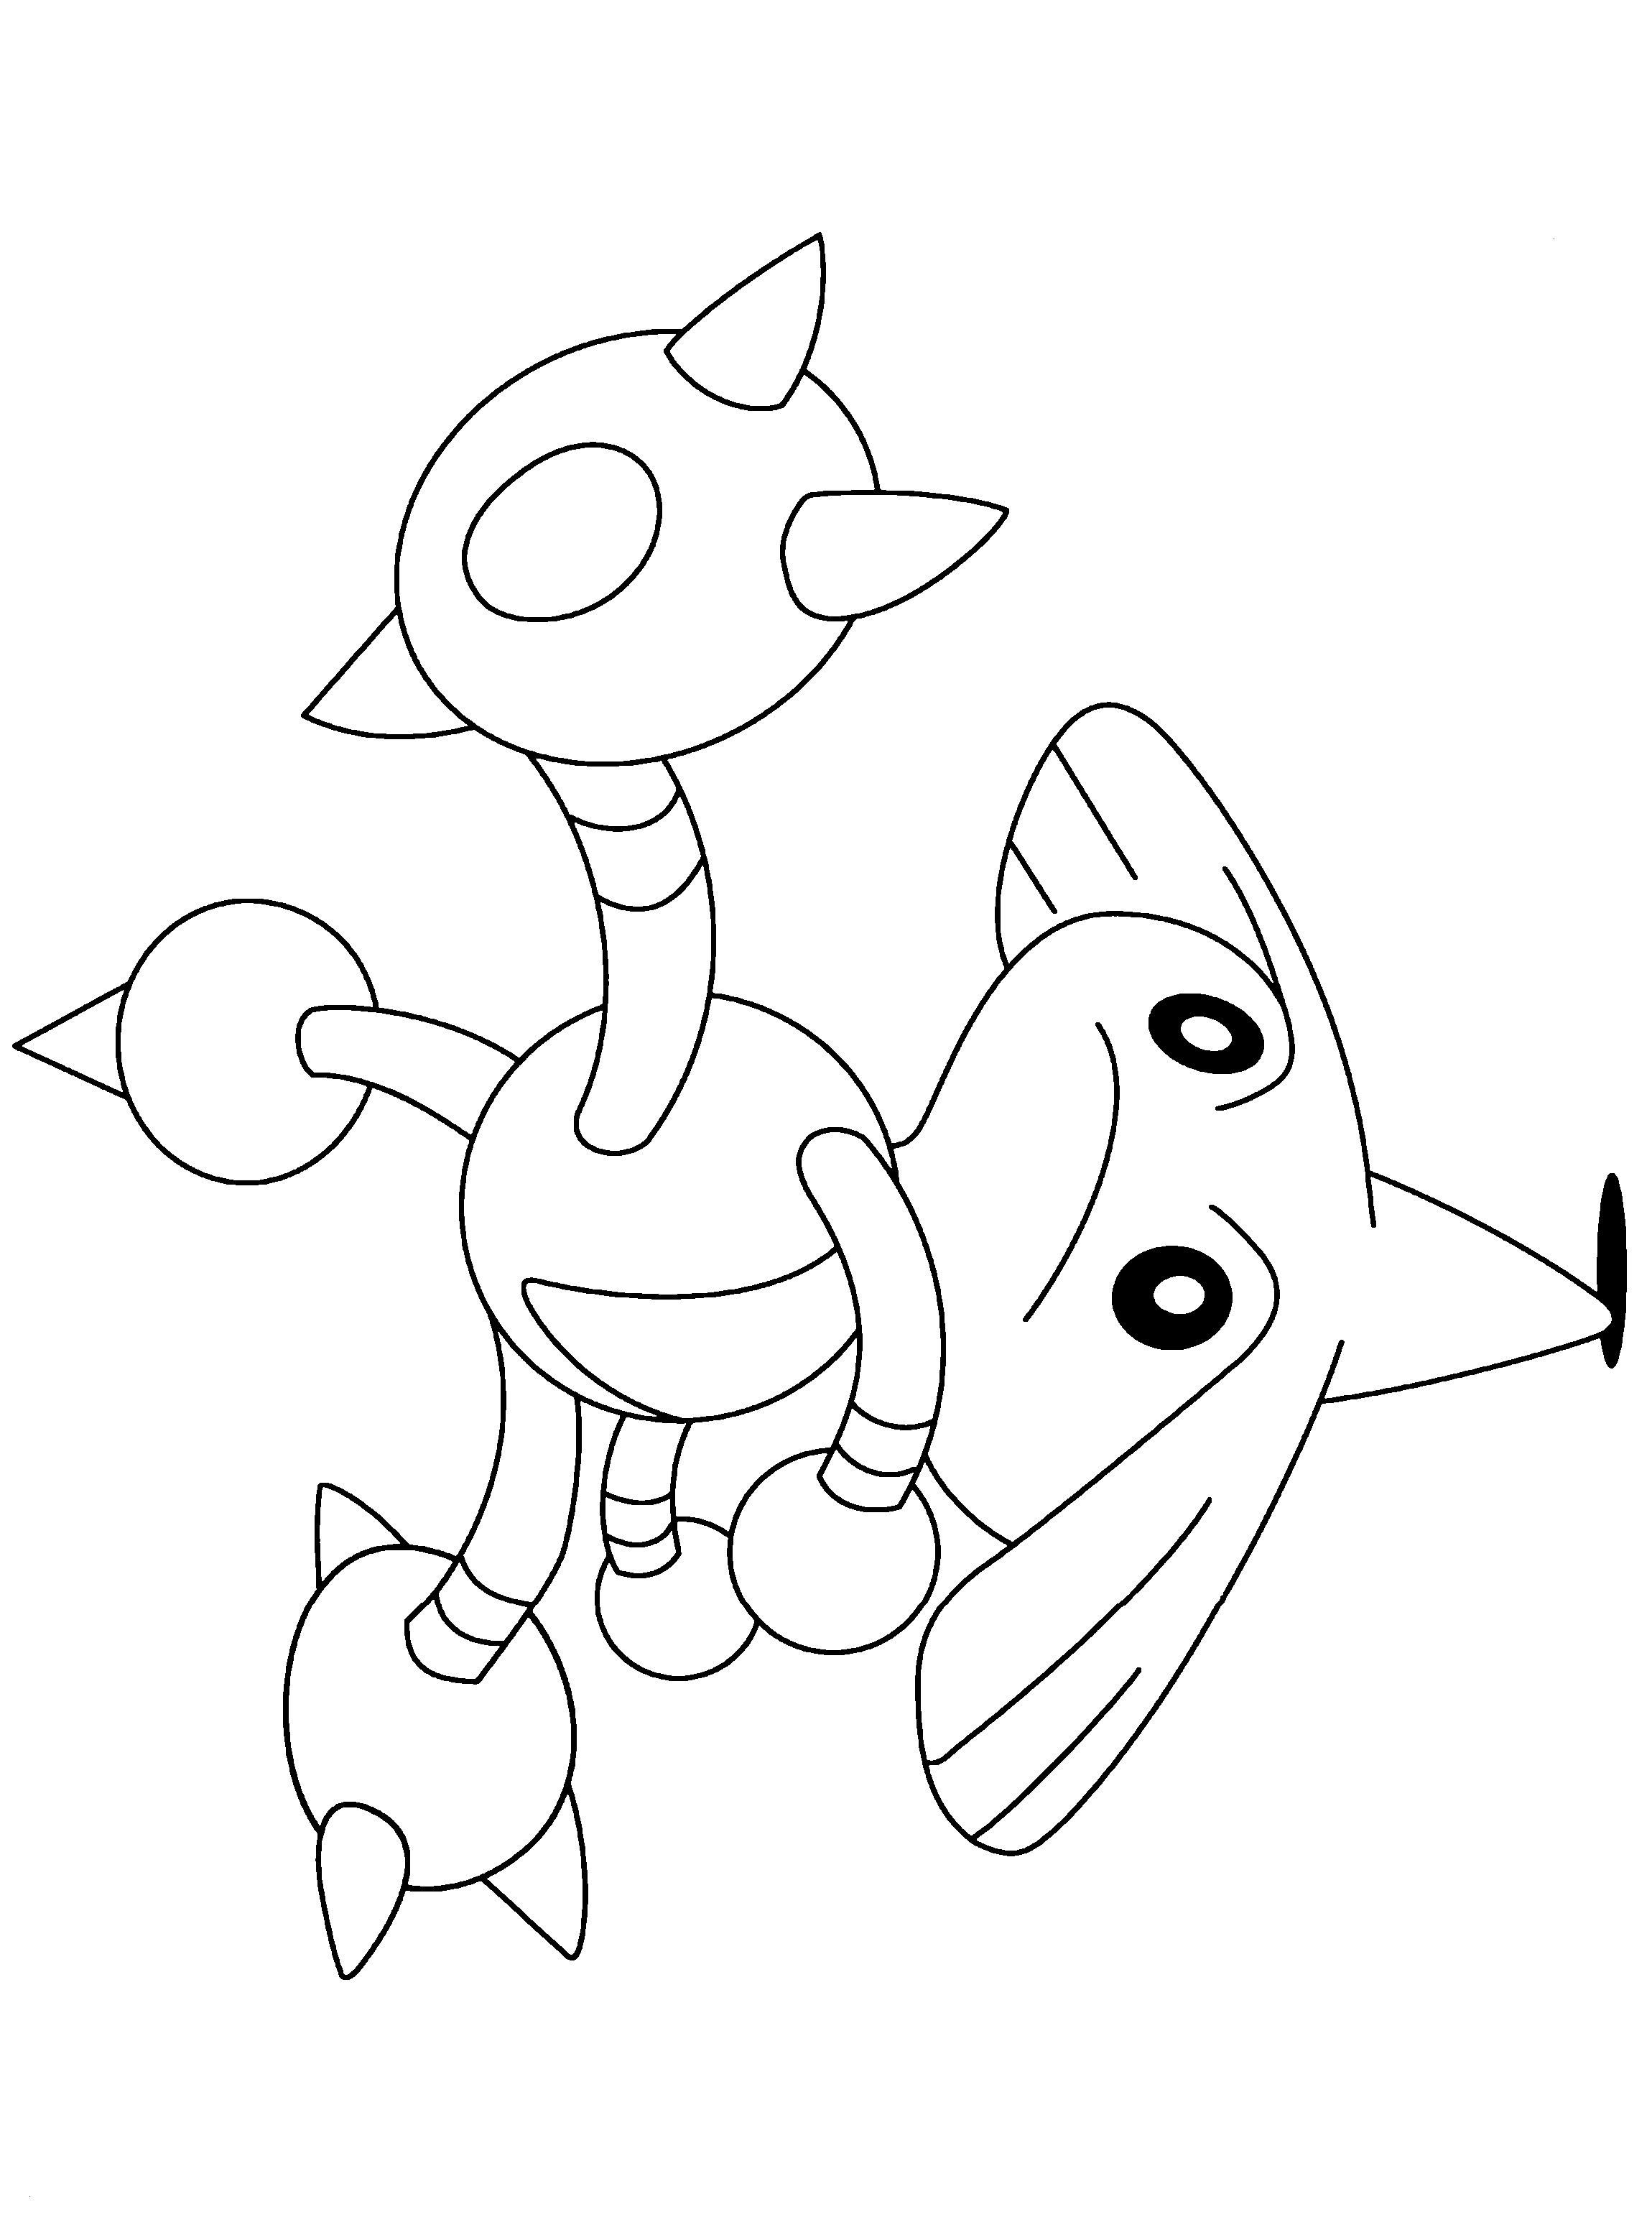 Kostenlose Ausmalbilder Pokemon Neu 41 Frisch Pokemon Ausmalbilder Zum Drucken Malvorlagen Sammlungen Stock